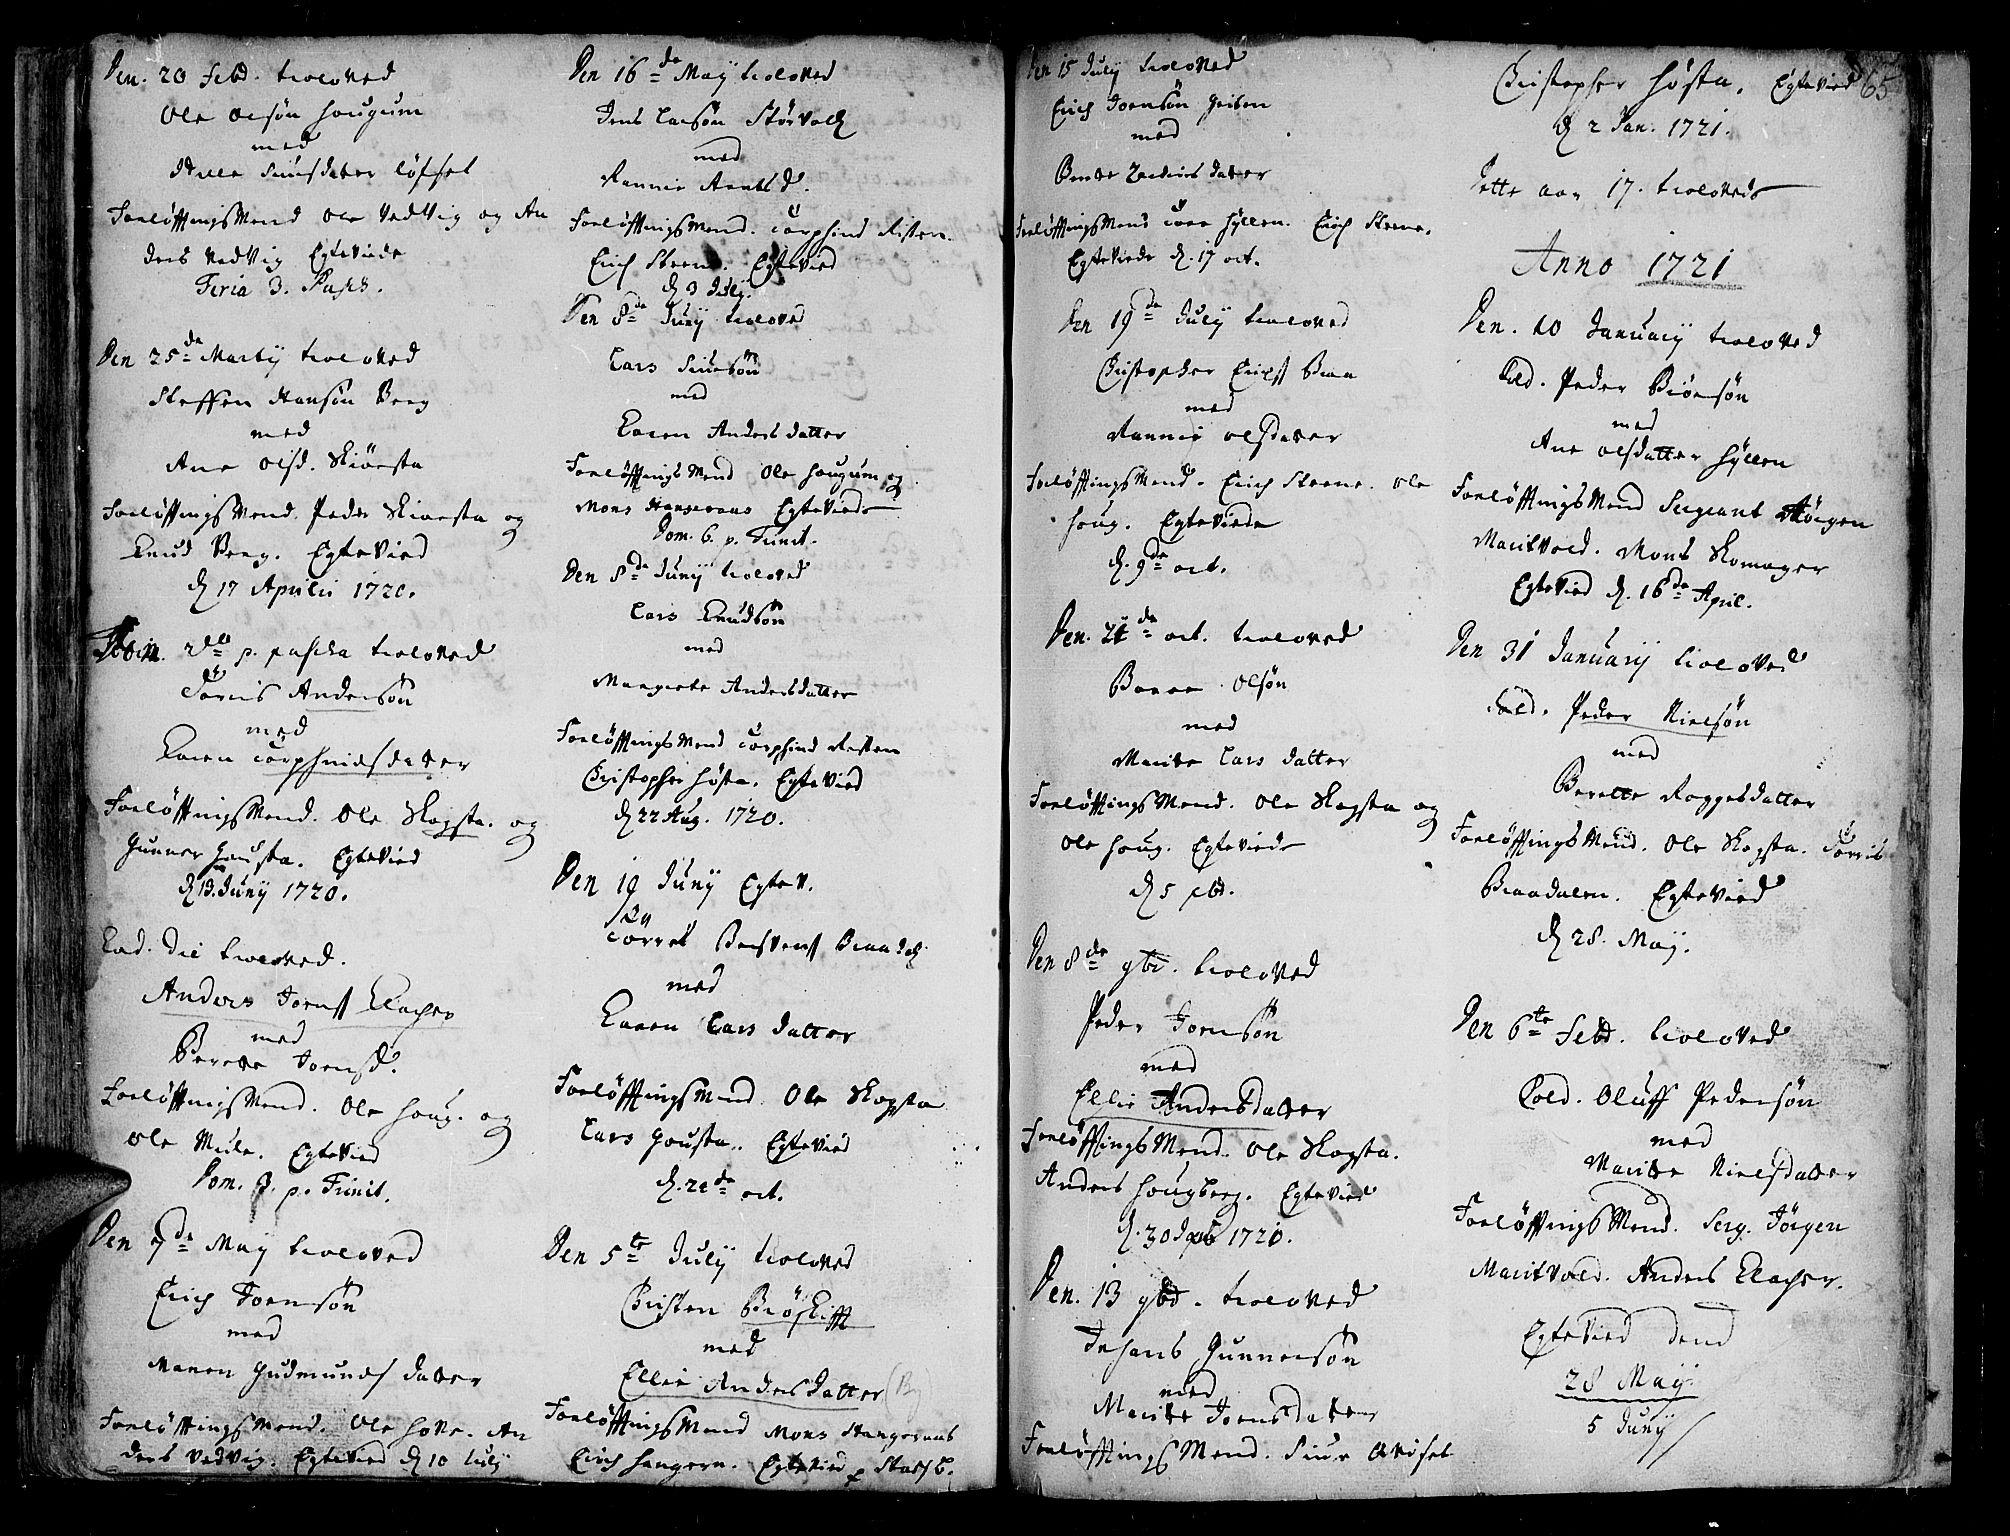 SAT, Ministerialprotokoller, klokkerbøker og fødselsregistre - Sør-Trøndelag, 612/L0368: Ministerialbok nr. 612A02, 1702-1753, s. 65